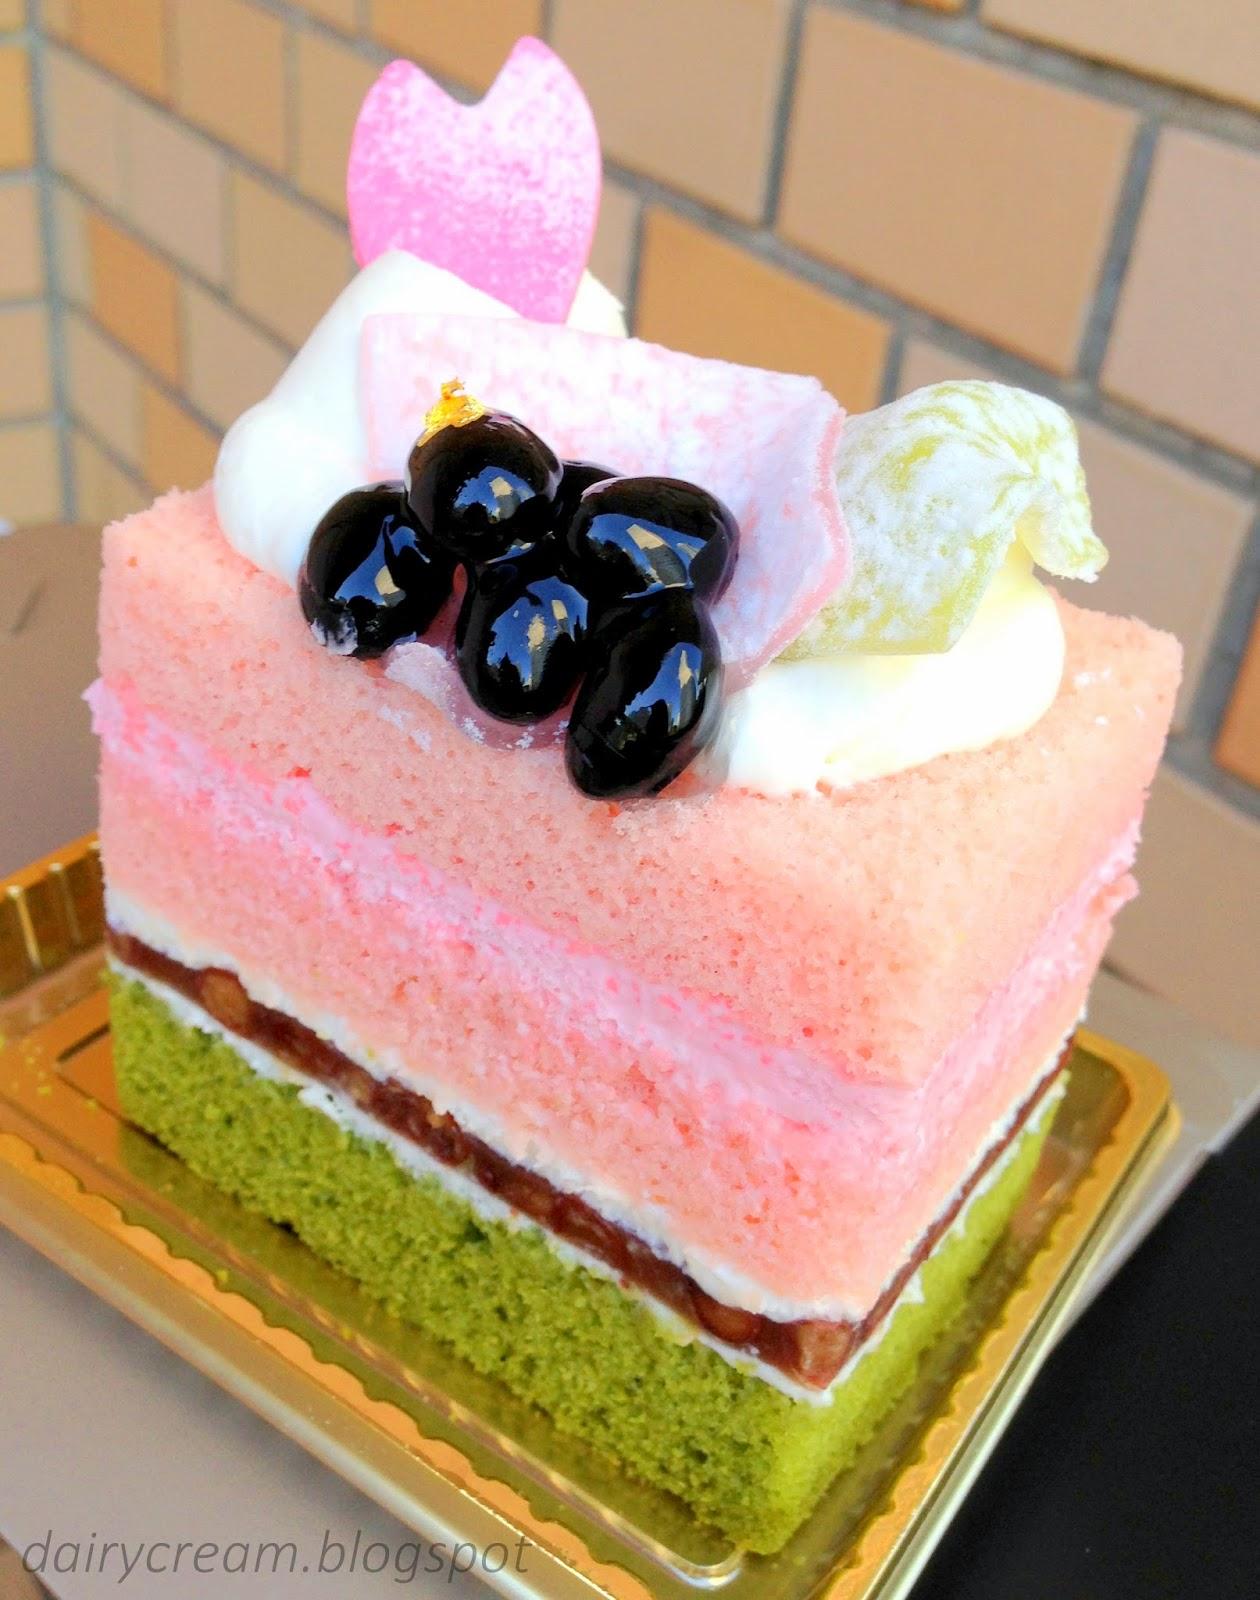 Takashimaya Cake Shop